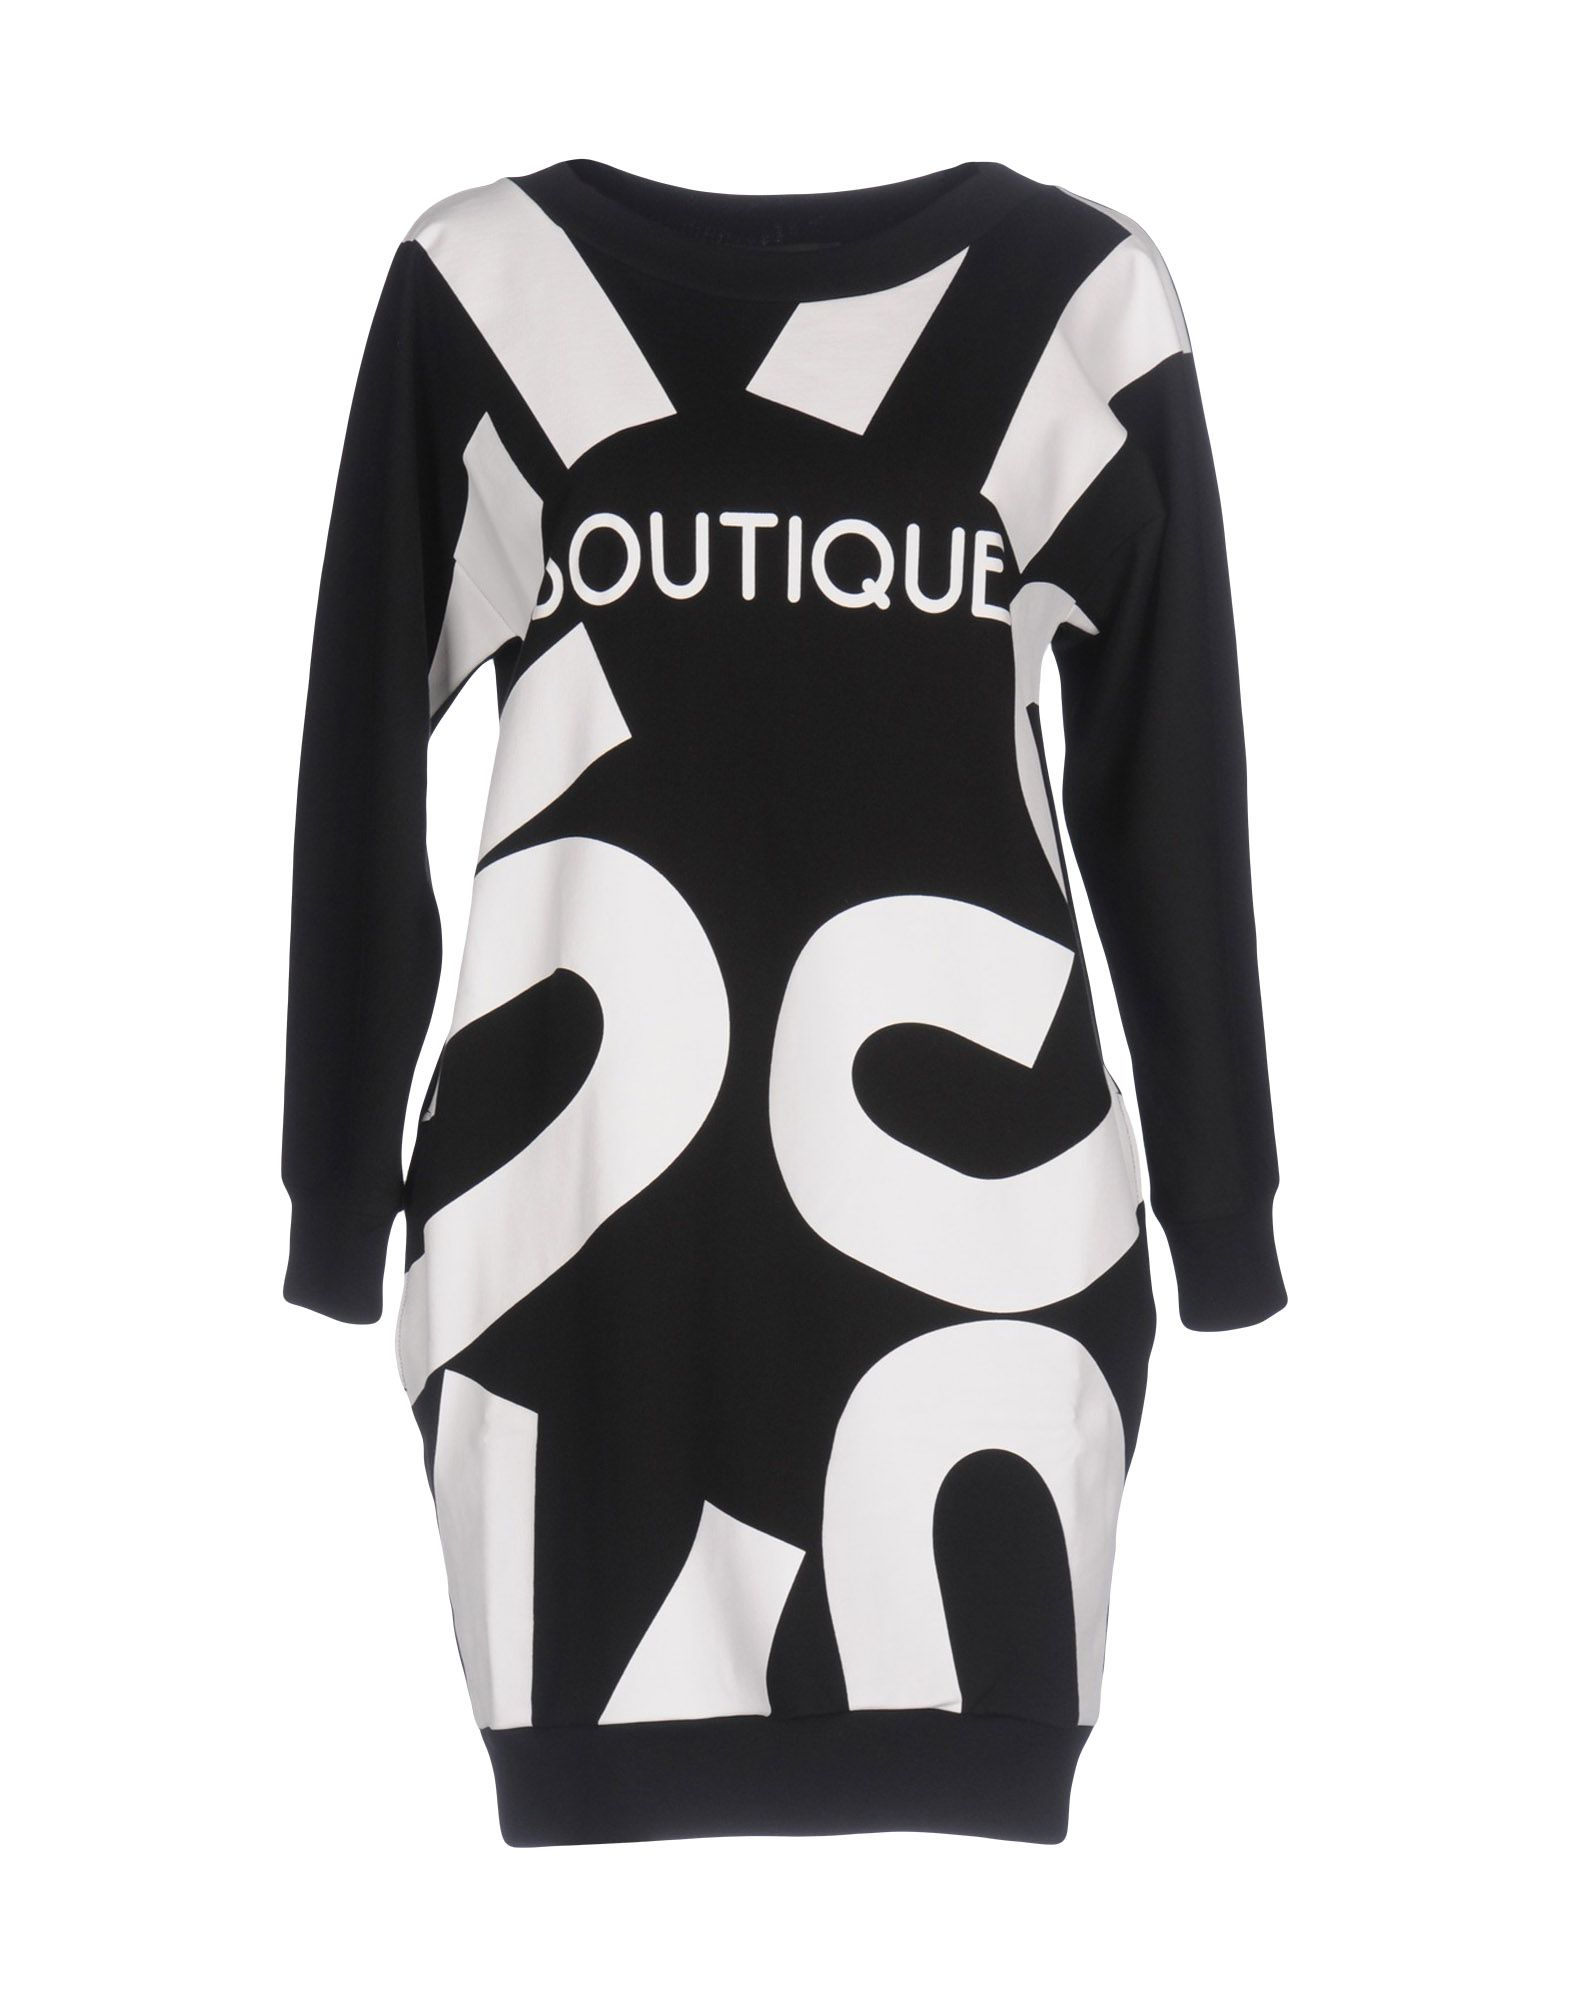 Vestito Corto Boutique Moschino Donna - Acquista online su IChV2